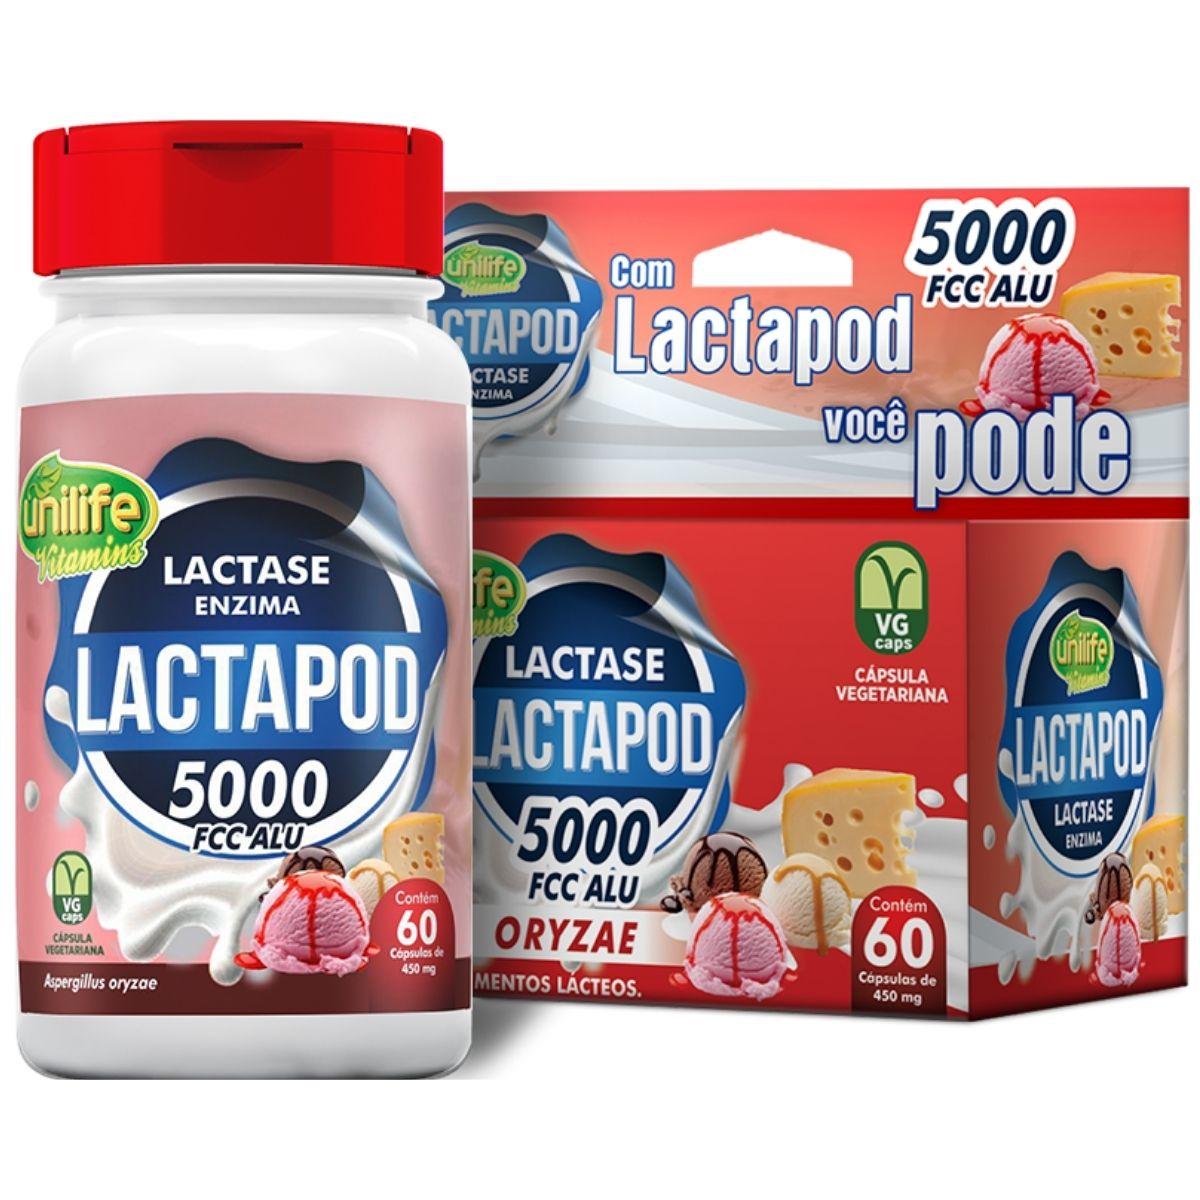 Lactase Lactapod Enzima 60 cápsulas 450mg - Unilife